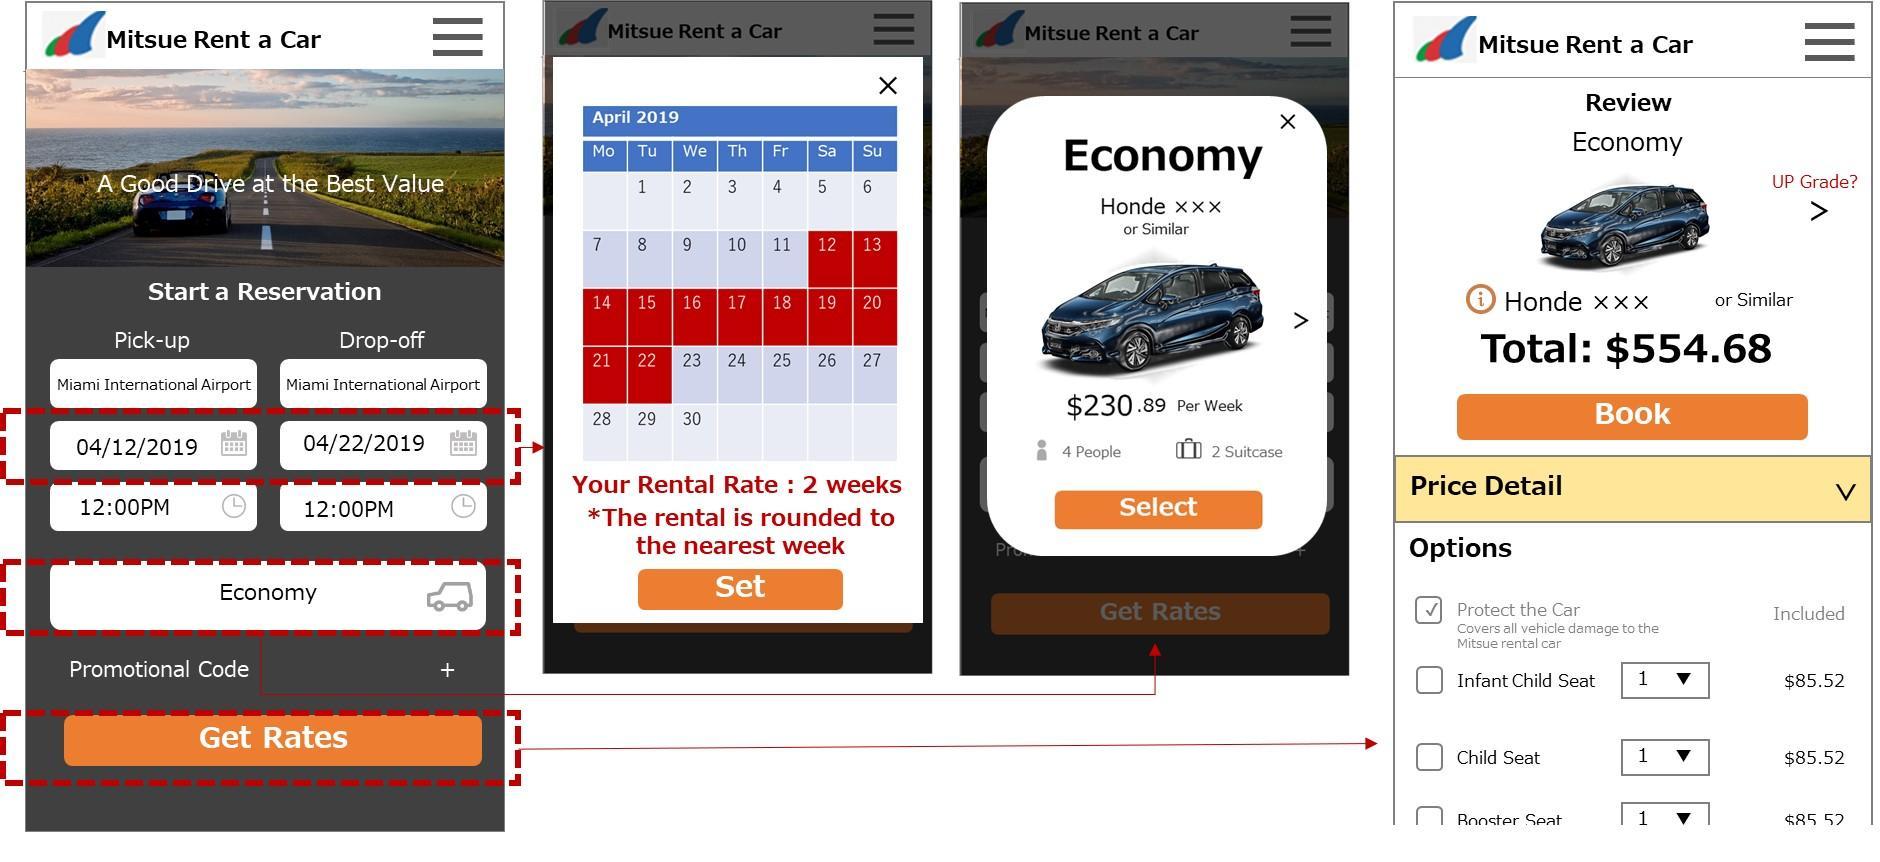 レンタカーアプリの画面(改善案)